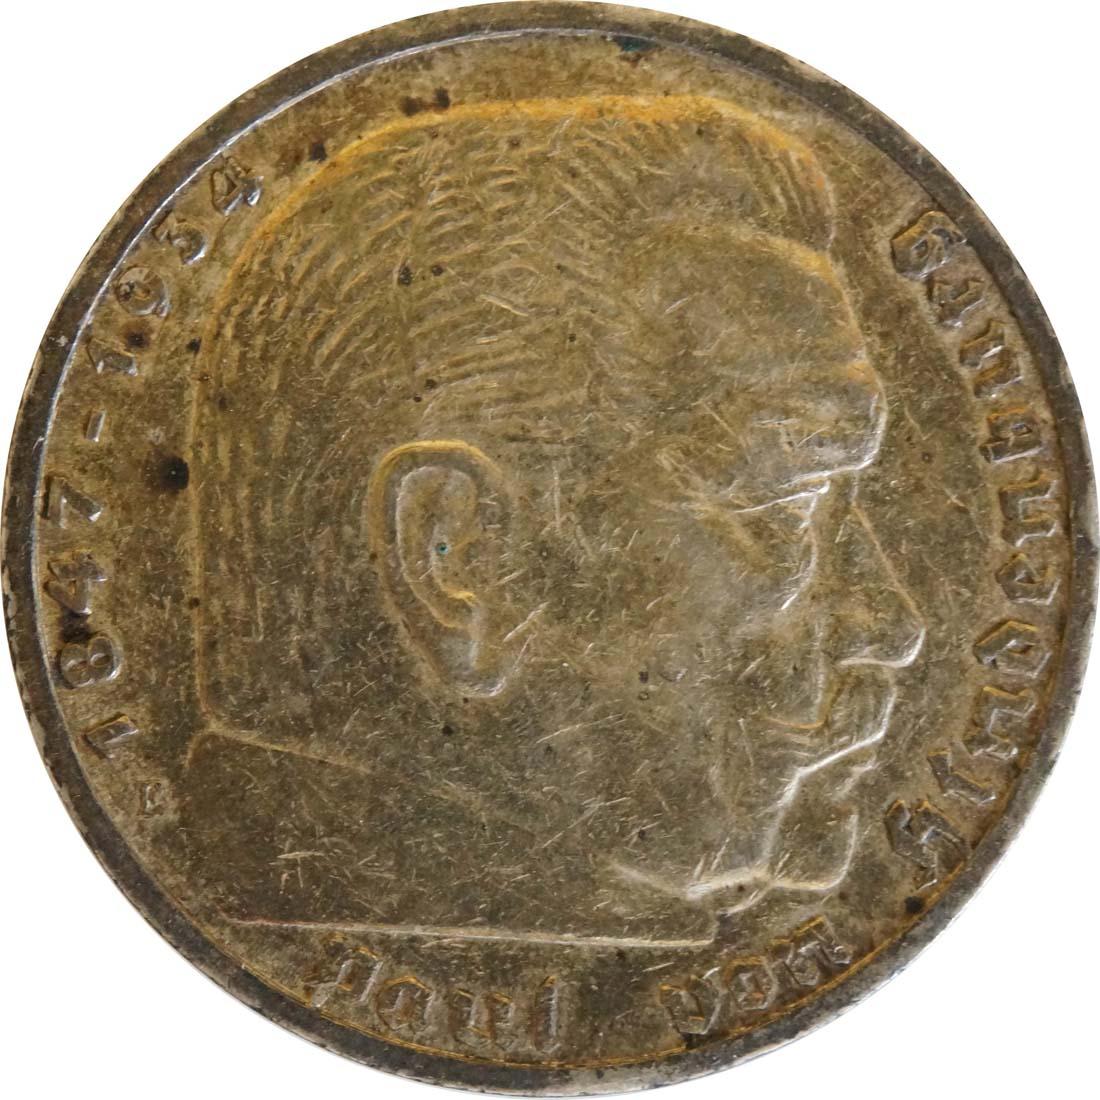 deutschland 5 reichsmark hindenburg 1936 e silber ss euro. Black Bedroom Furniture Sets. Home Design Ideas